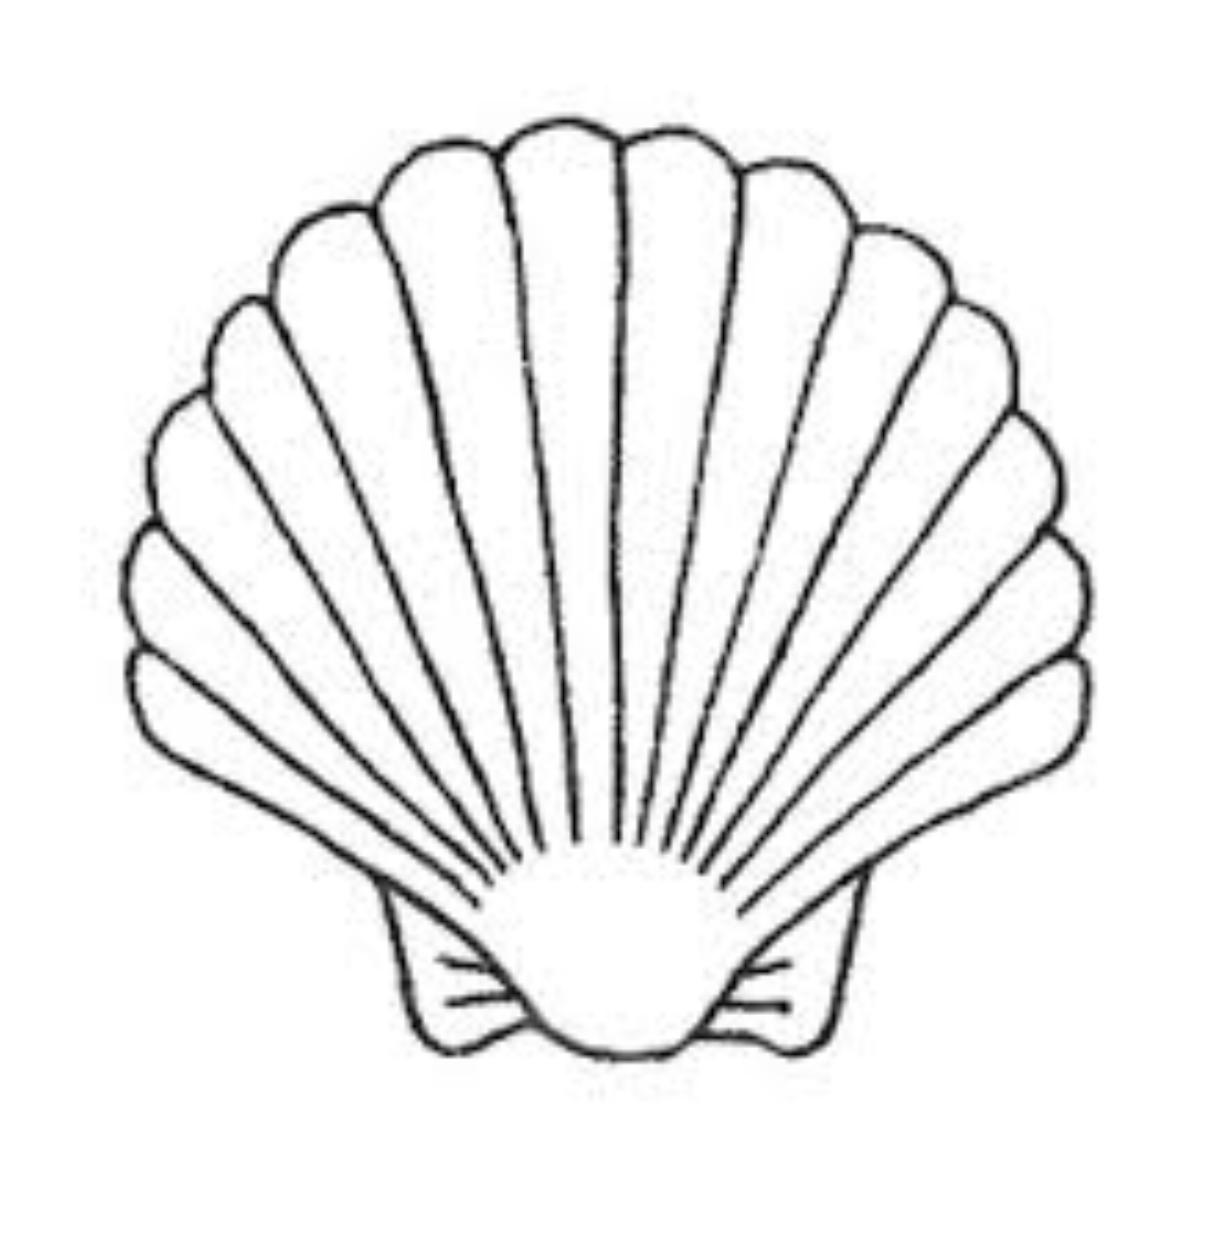 1226x1234 clam shell cheyennes bday shell tattoos, shell drawing